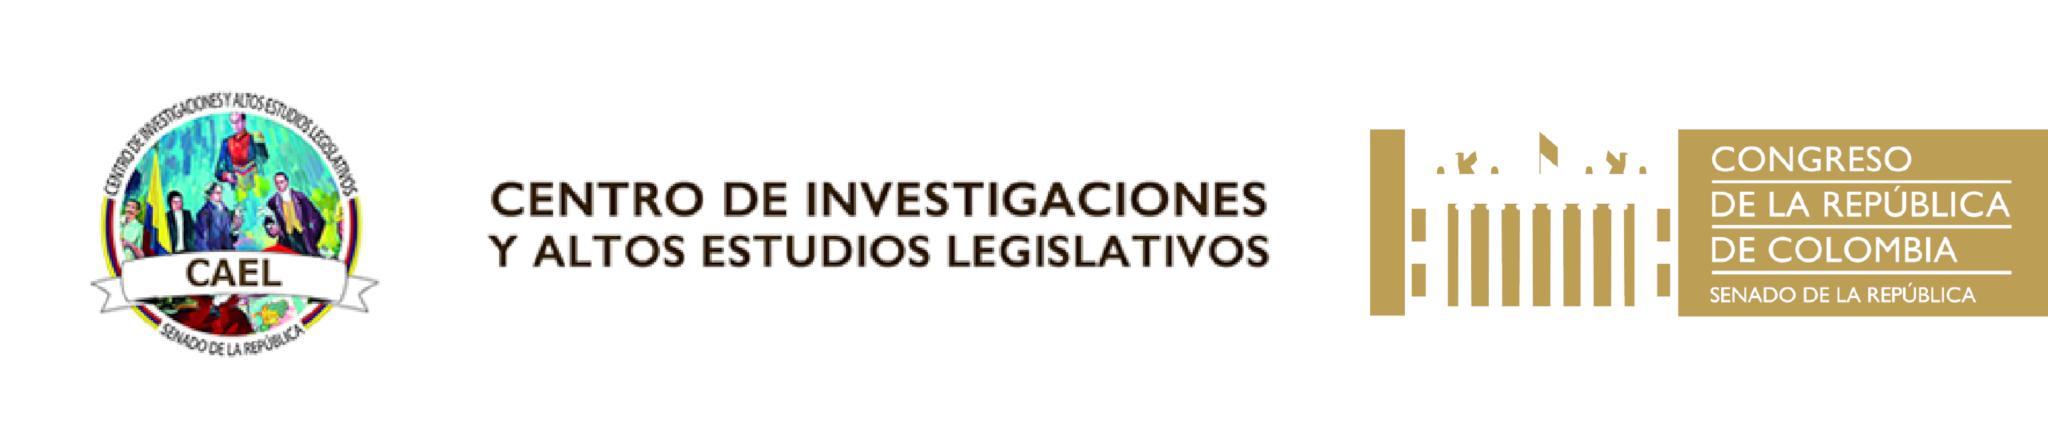 Centro de Investigaciones y Altos Estudios Legislativos (CAEL)